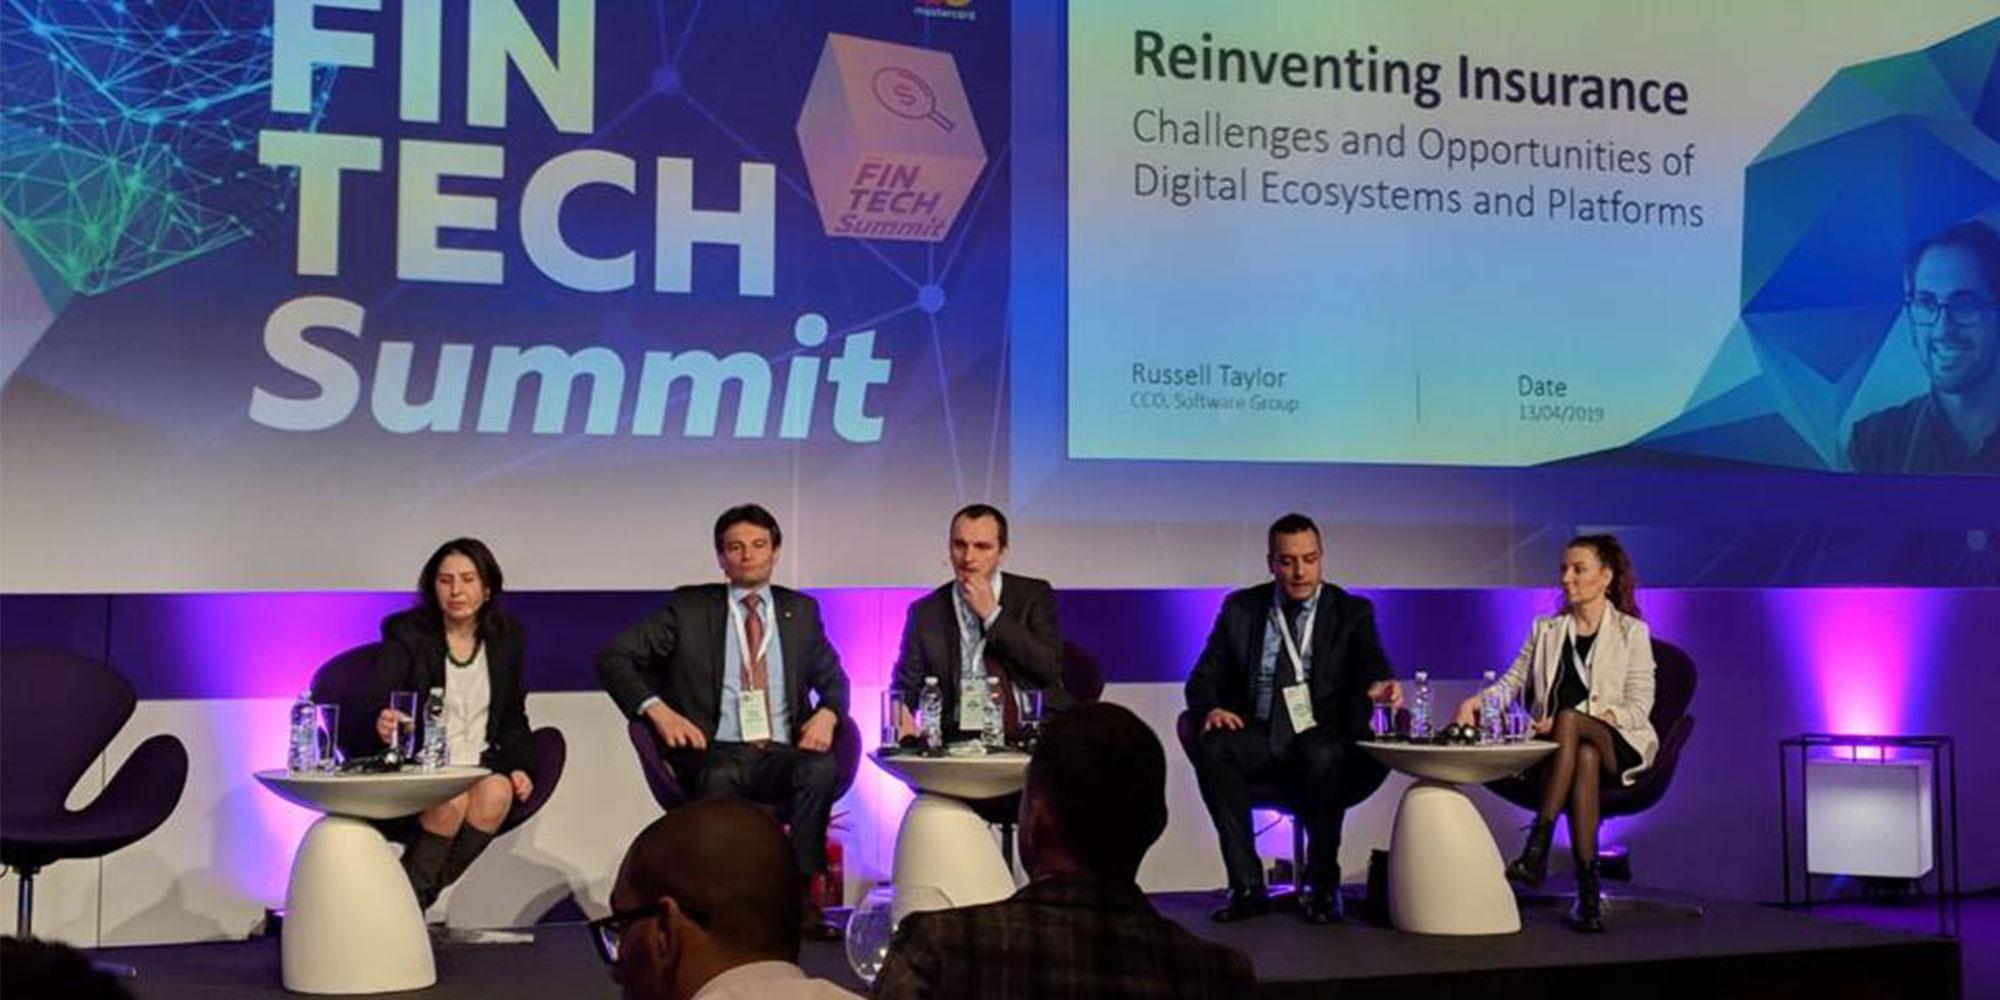 Diana Medanova (rechts im Bild) auf der Fintech Summit 2019 in Sofia.